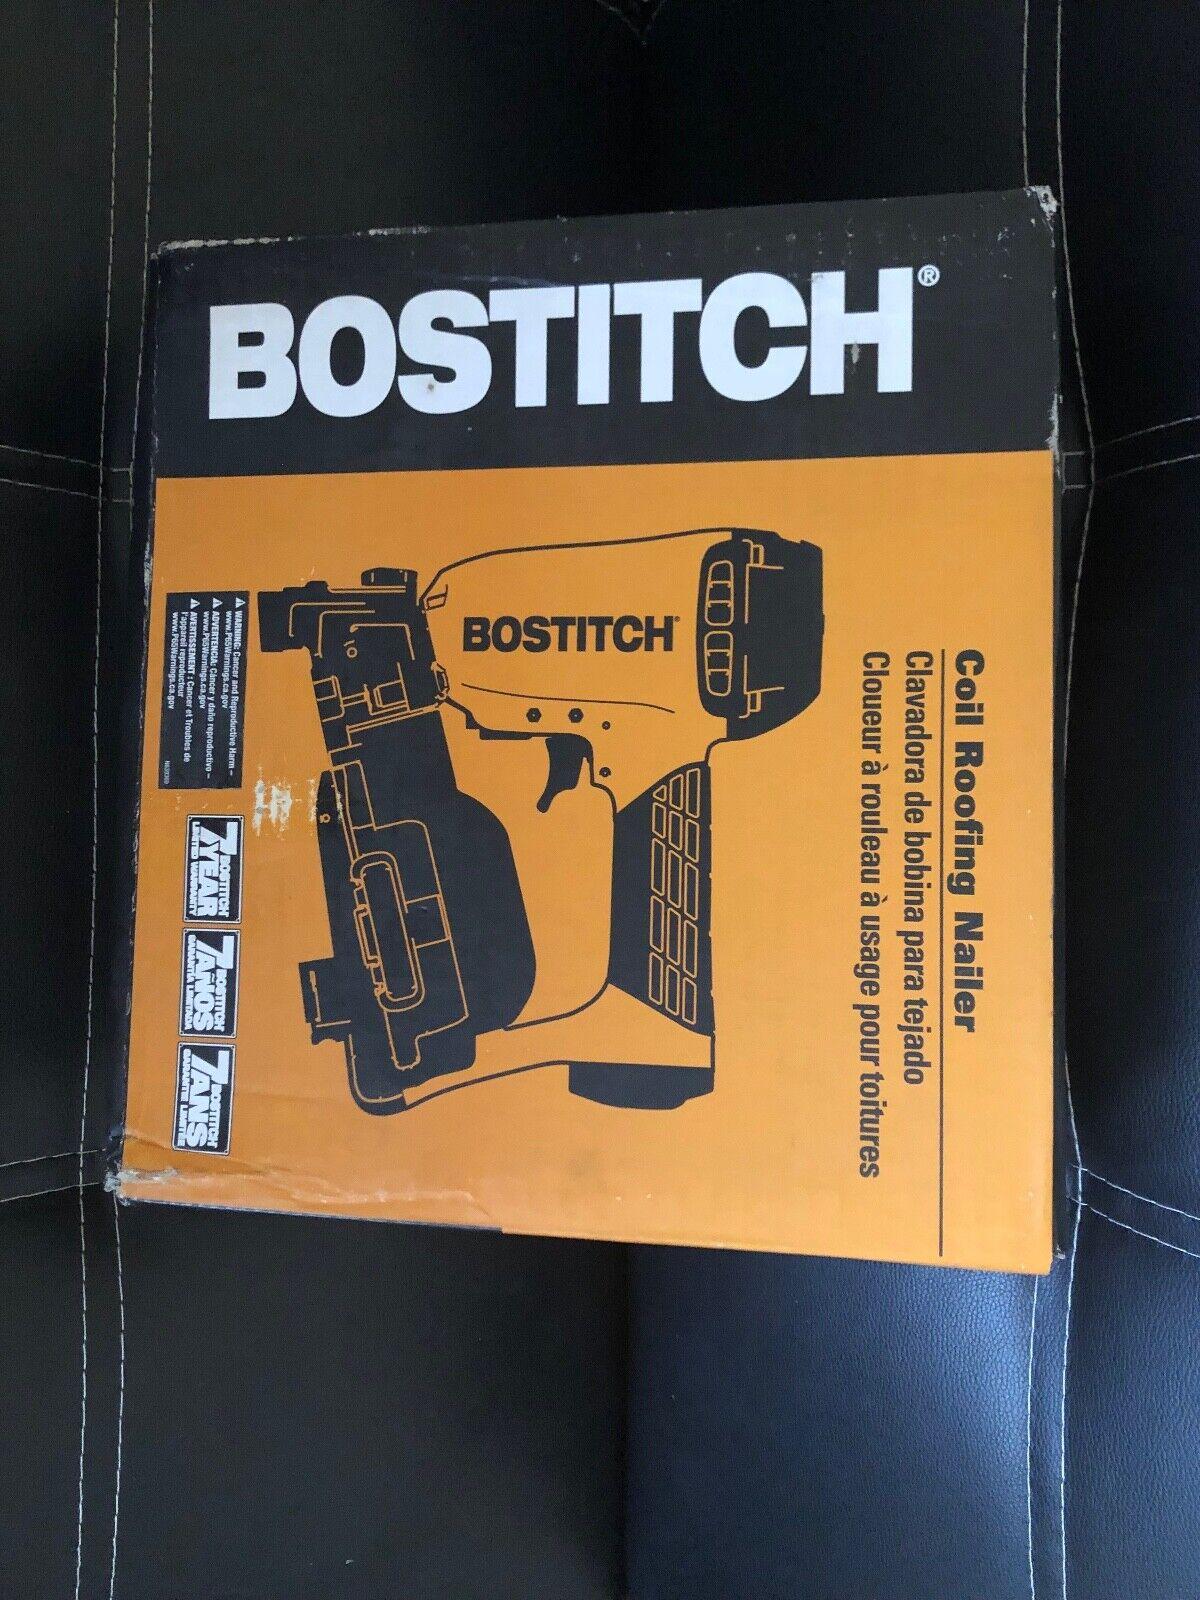 RN461 firstchoiceparts1 BOSTITCH RN46-1 Air Coil 15° Roofing Nailer Nail Gun 3/4 - 1-3/4 - BRAND NEW